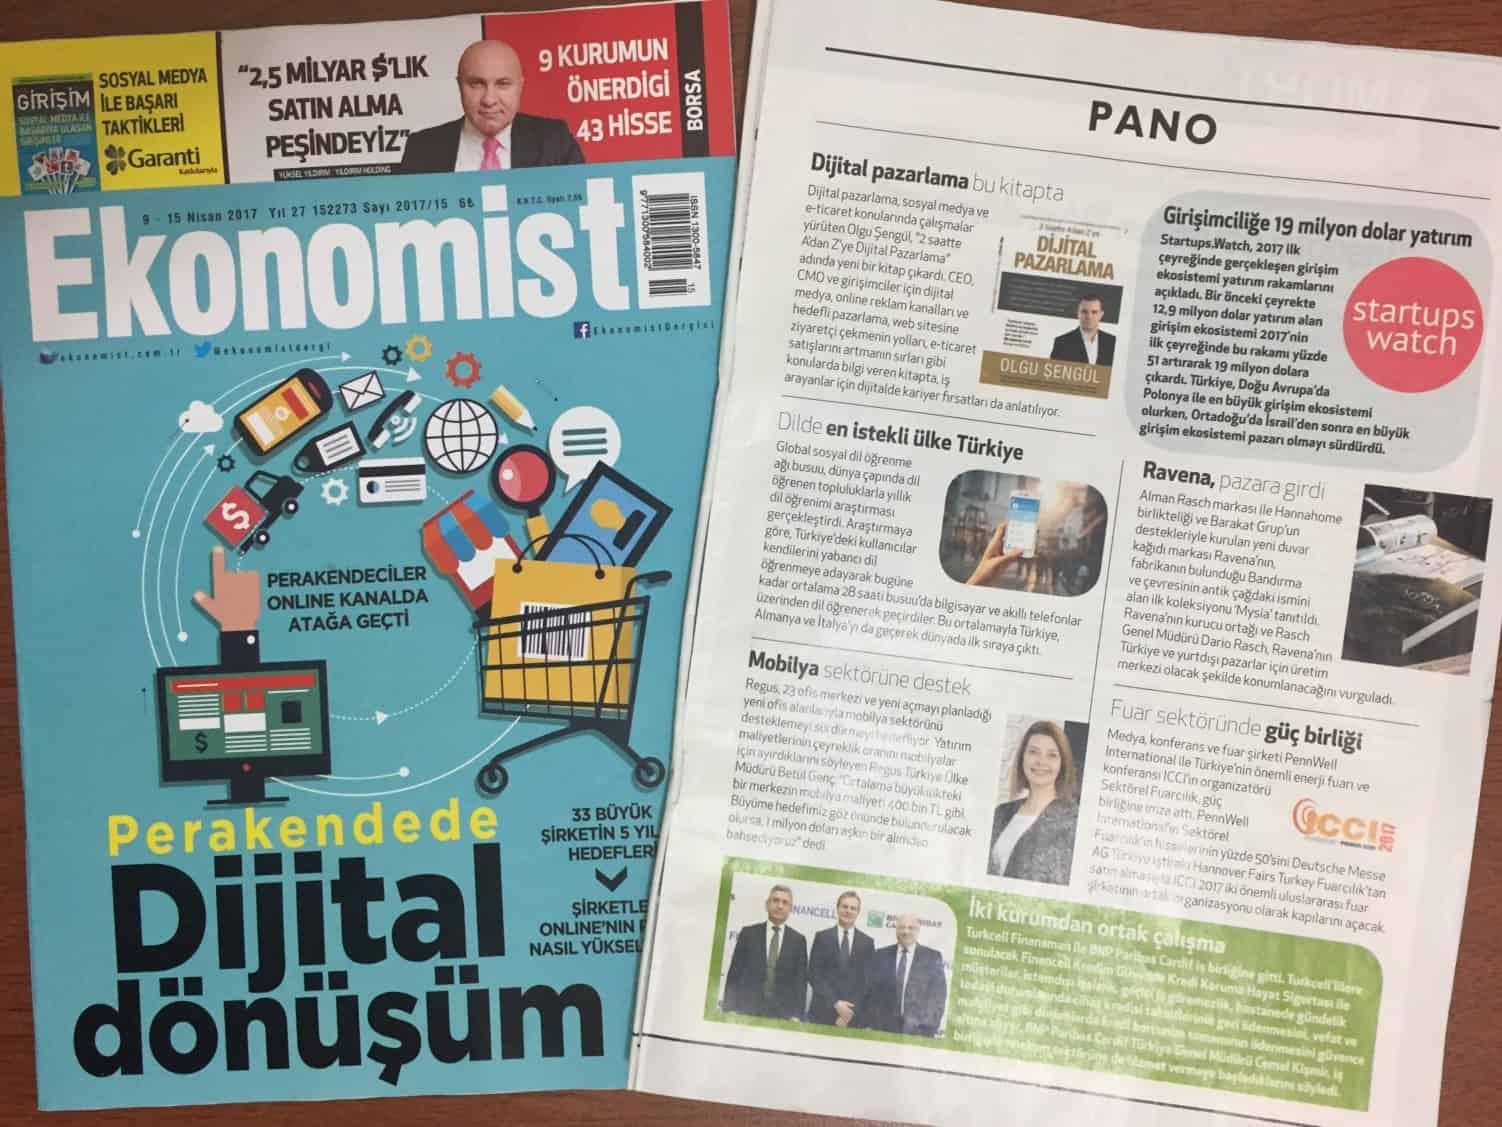 Ekonomist Dergisi Dijital Pazarlama Kitabı